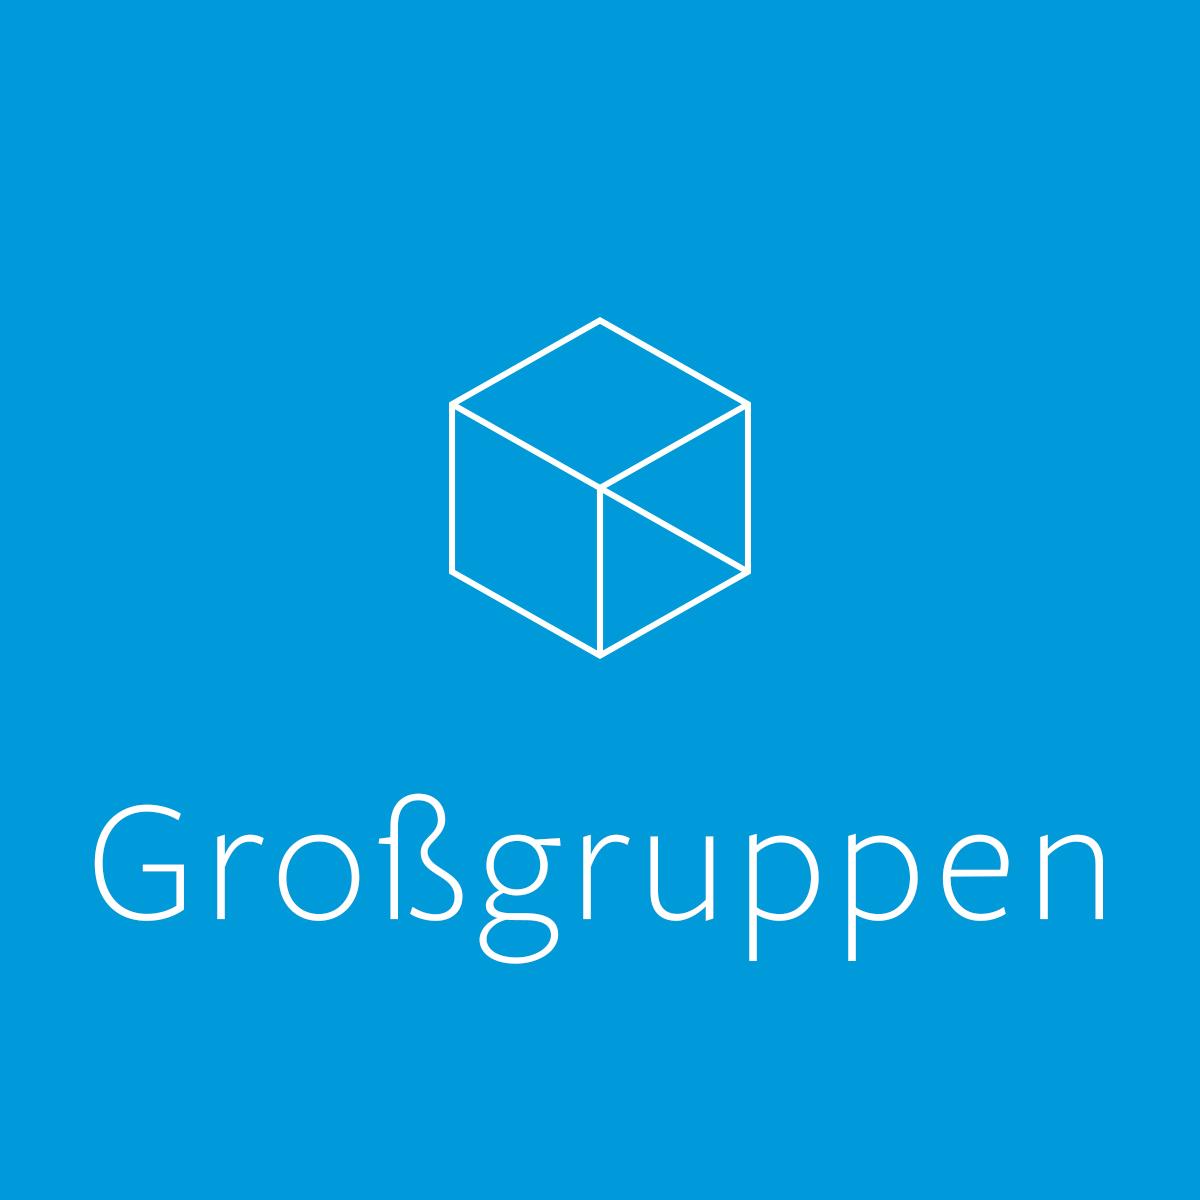 Großgruppen